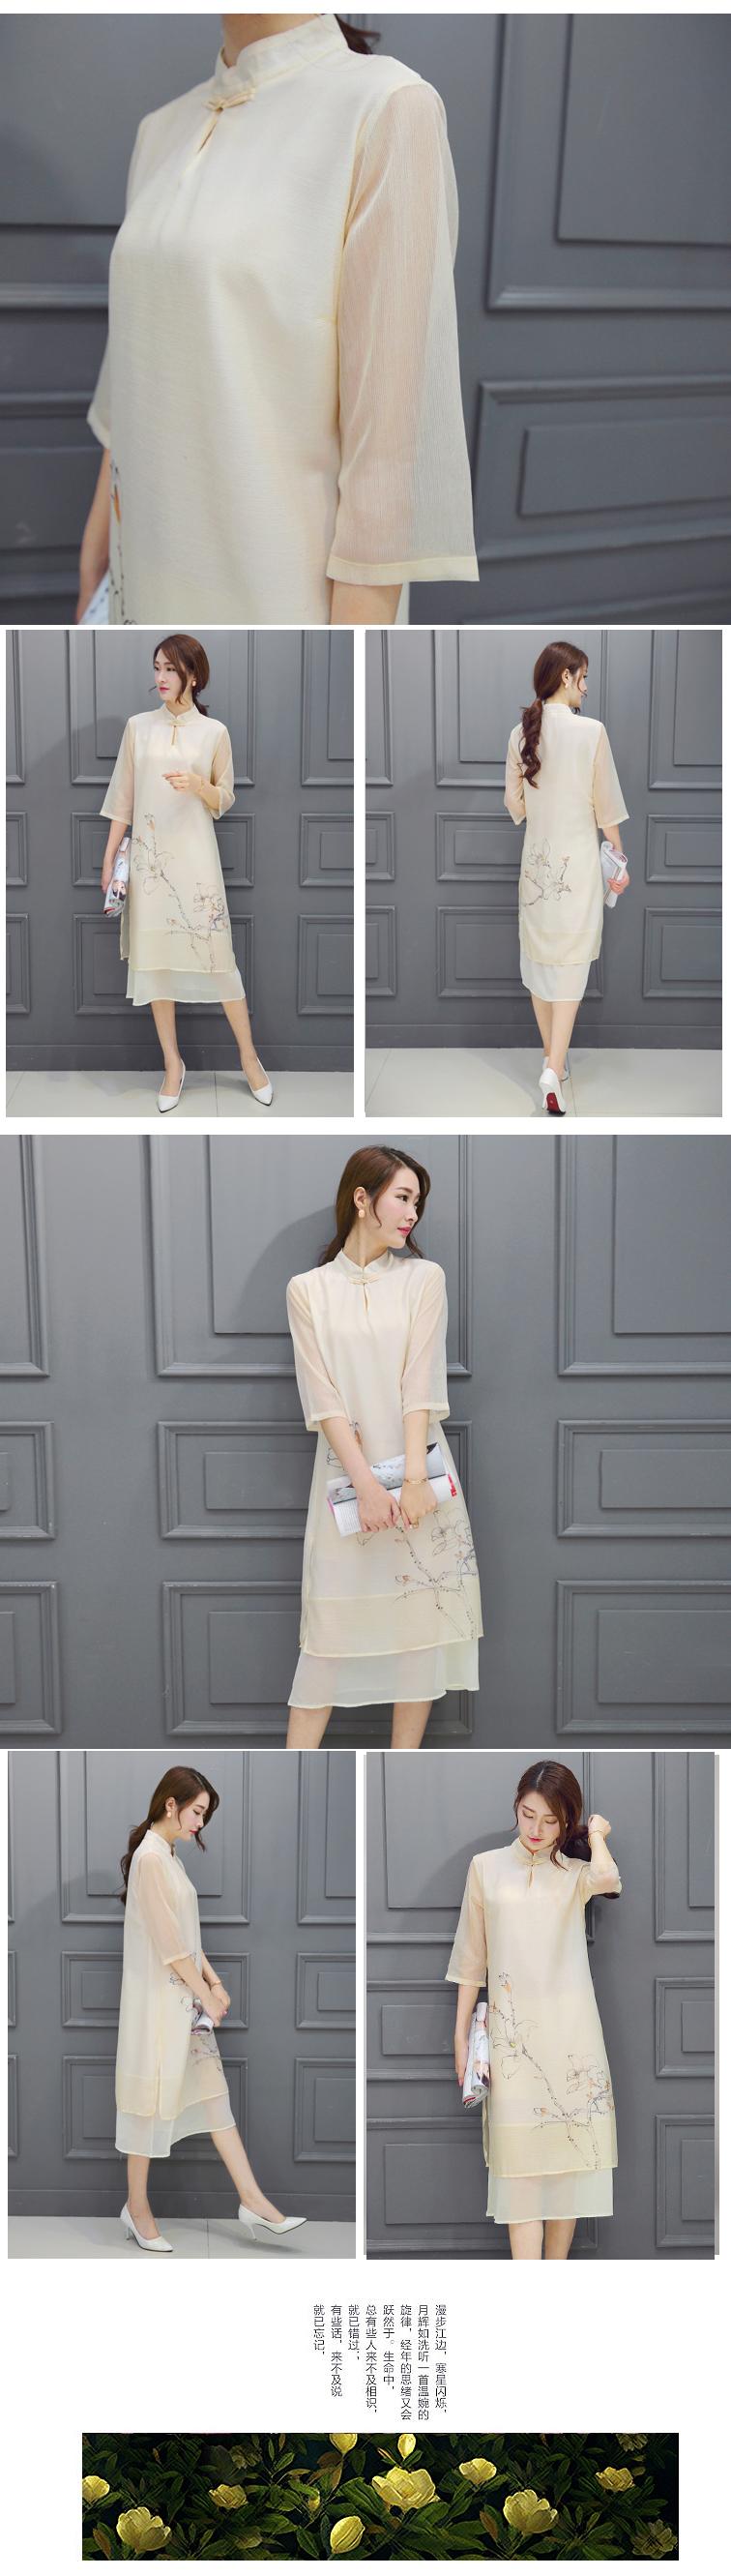 夏季新款丝麻印花立领手绘连衣裙宽松时尚中